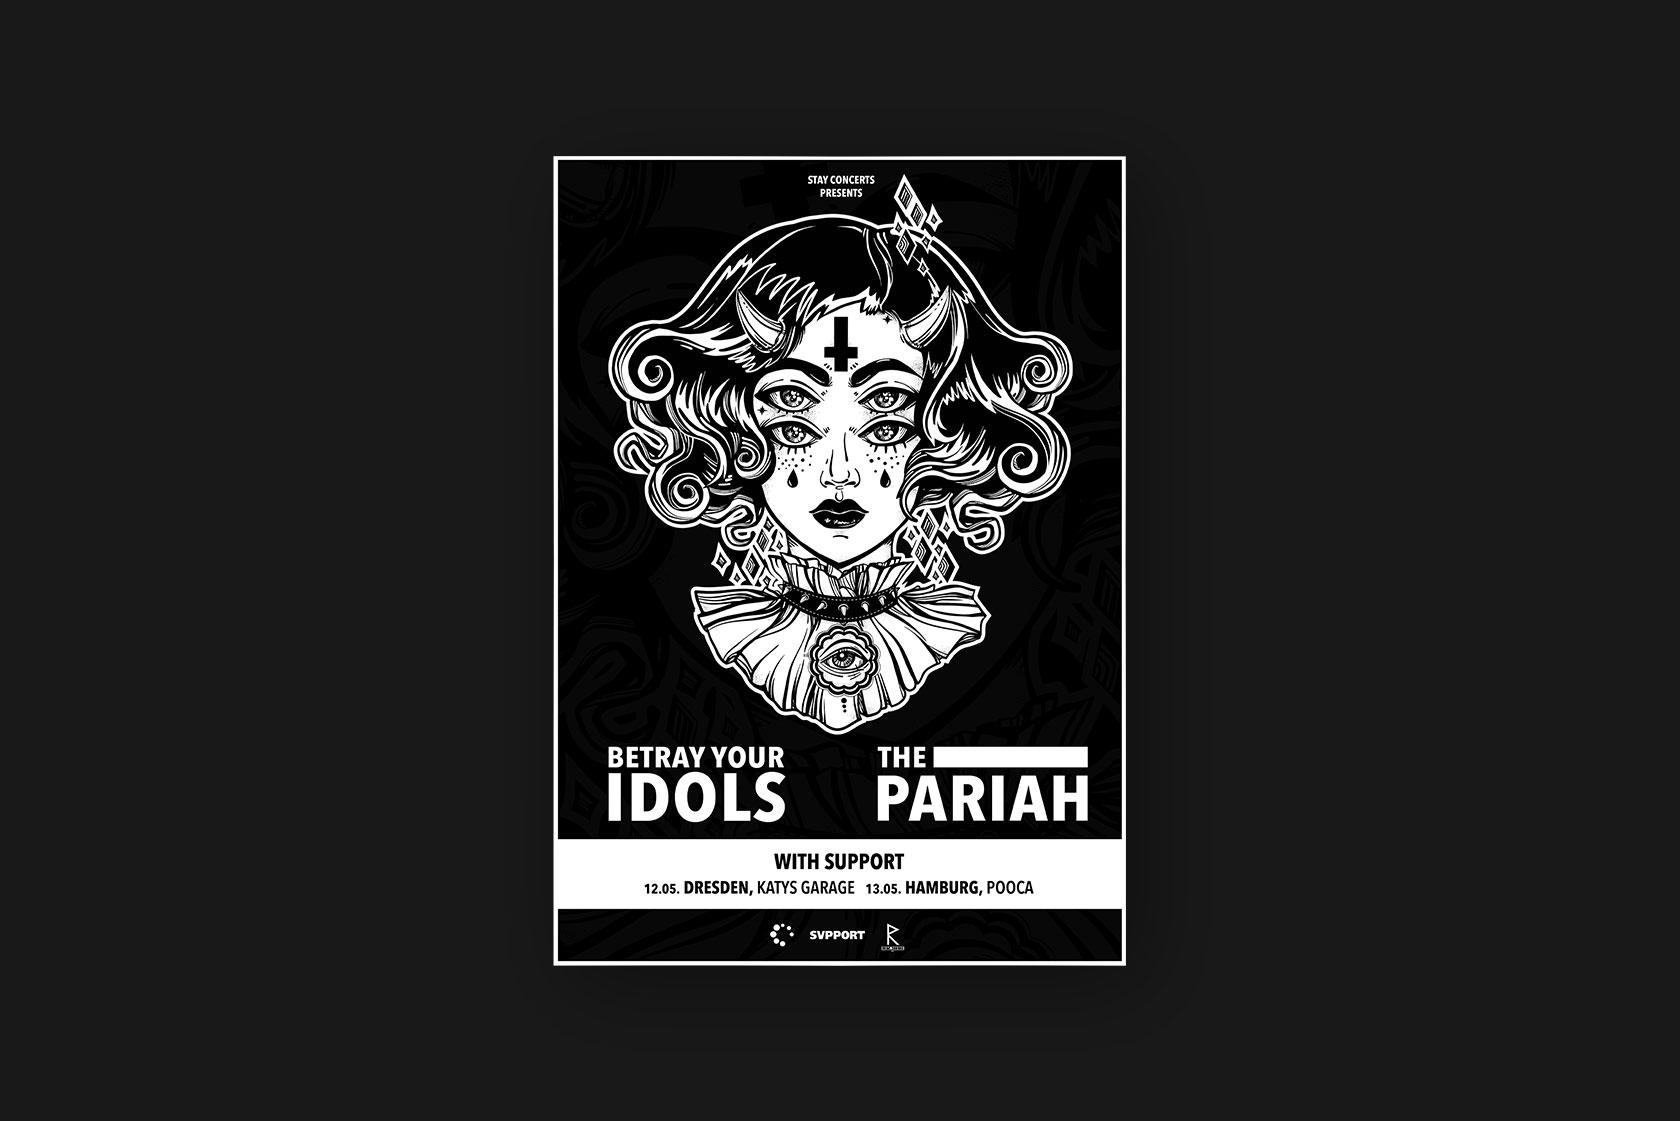 Printdesign für Betray Your Idols aus Ahrweiler